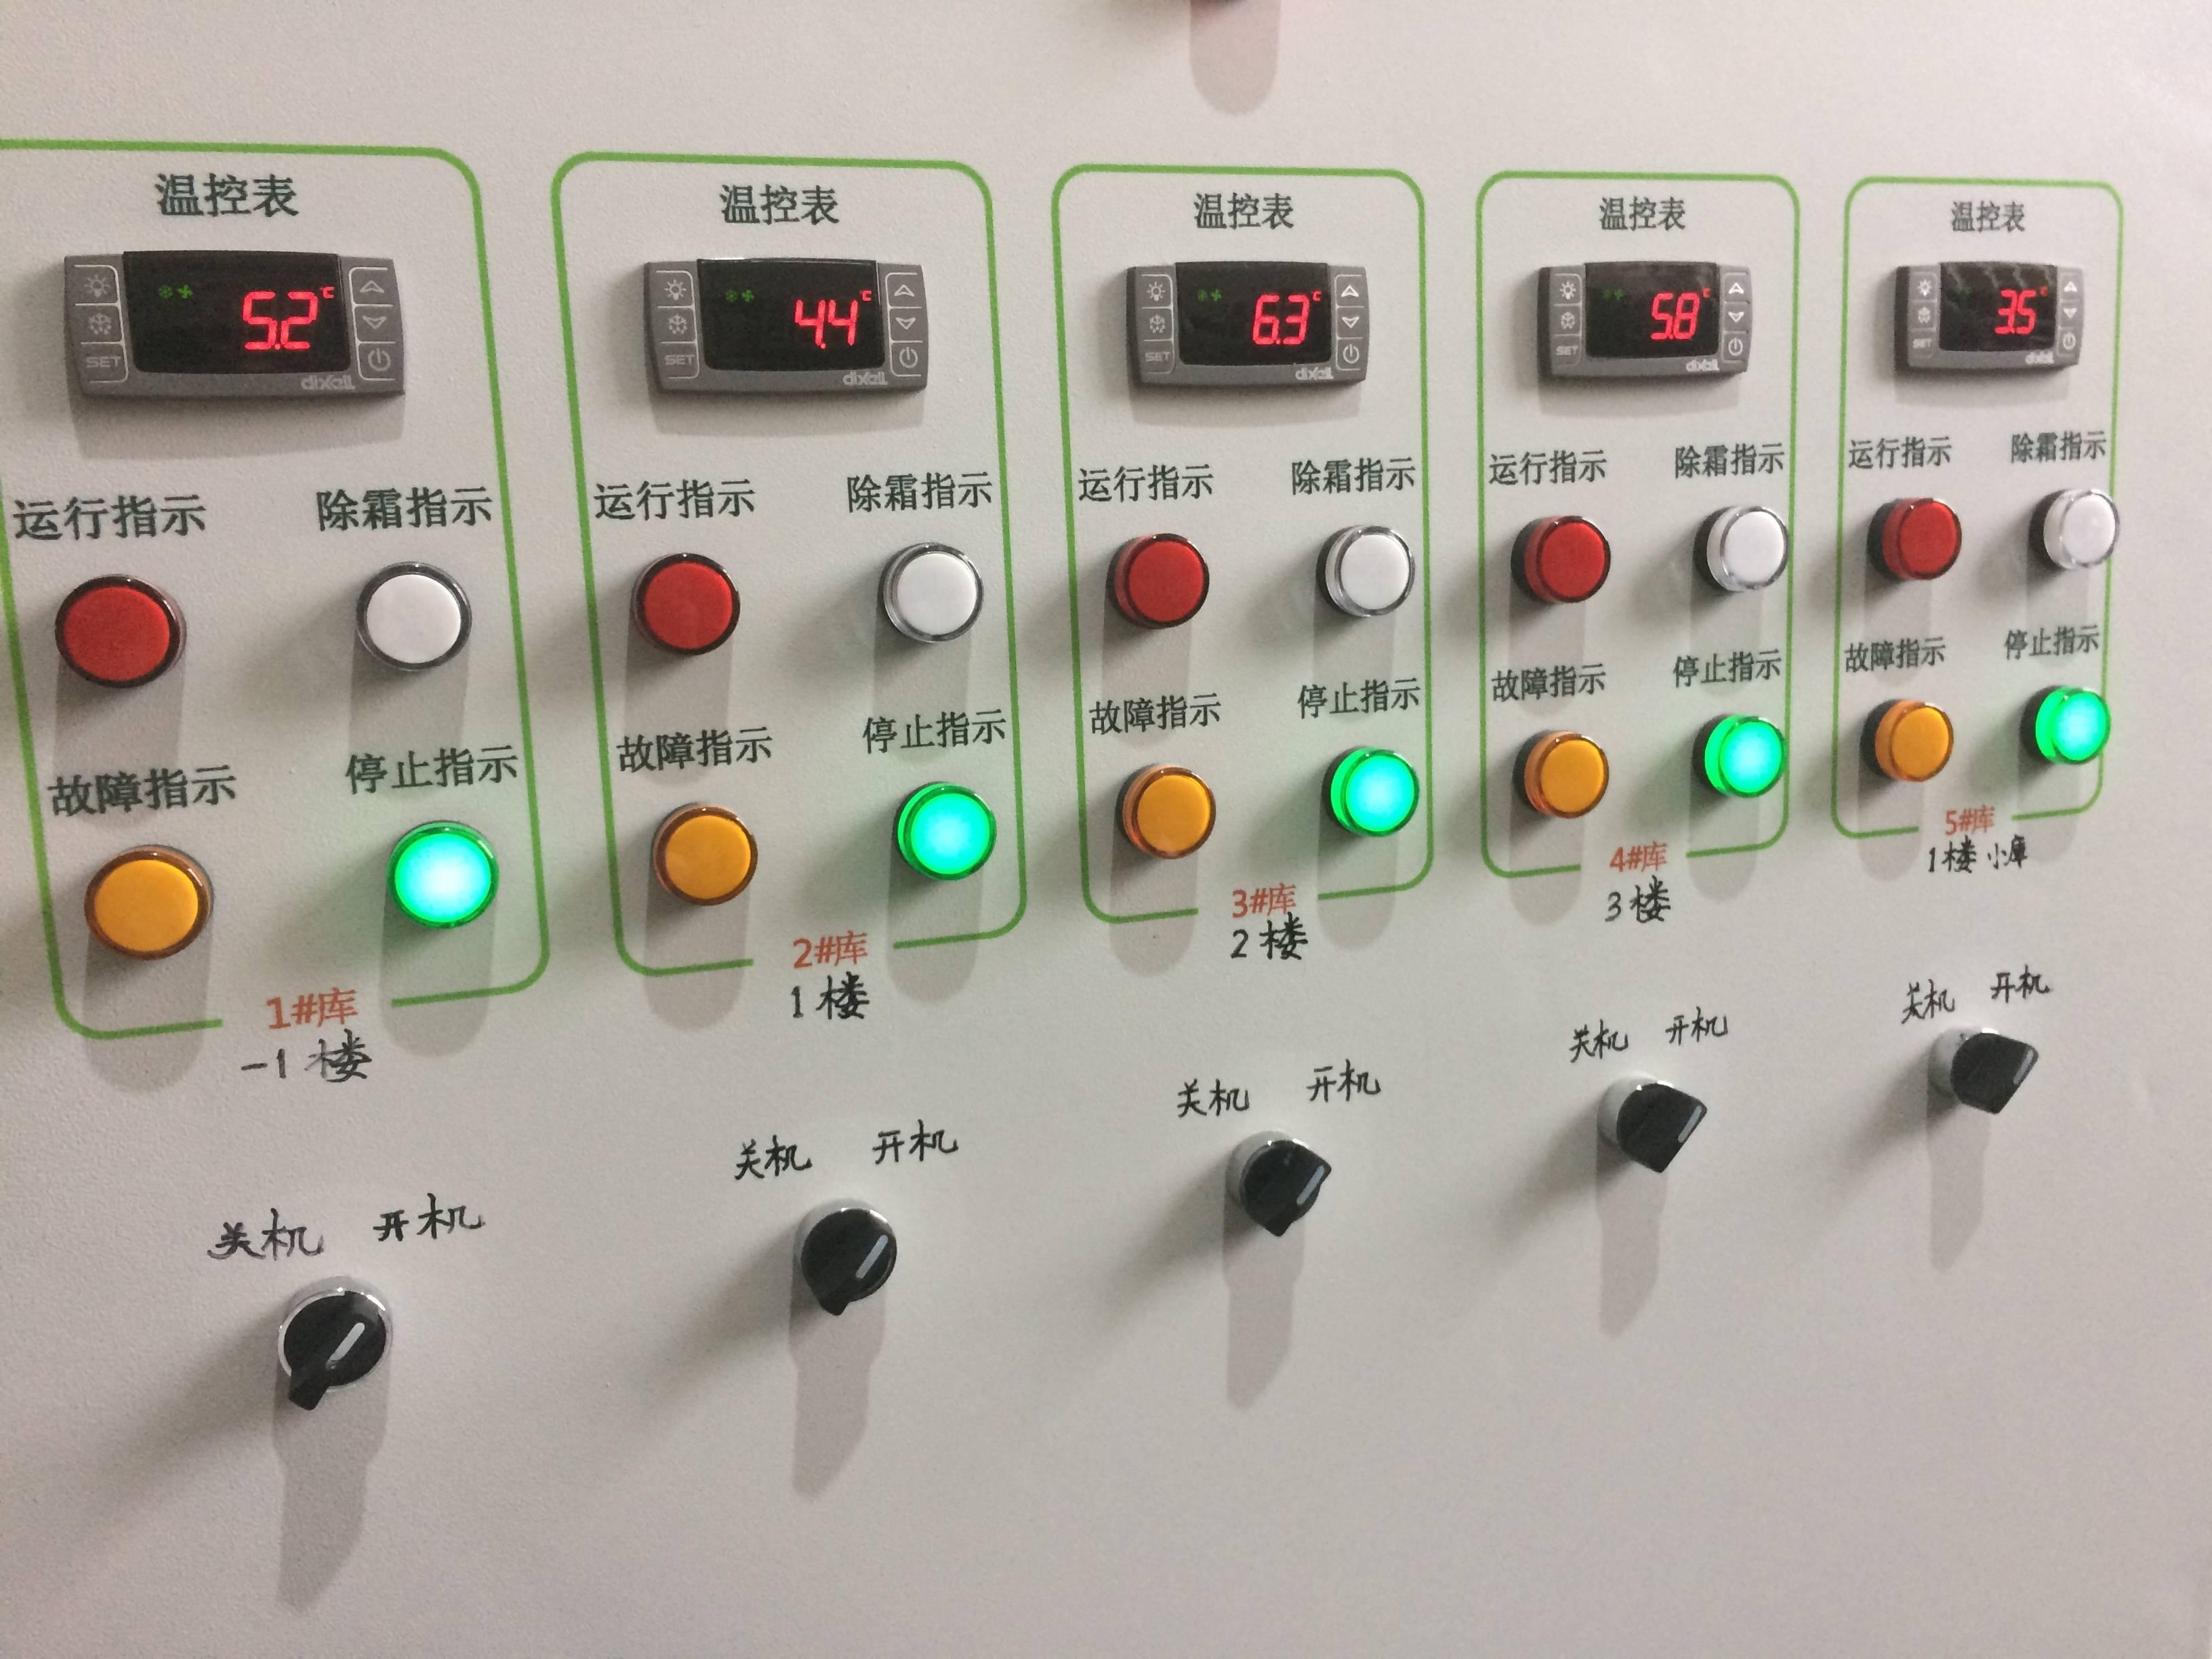 冷库电控柜